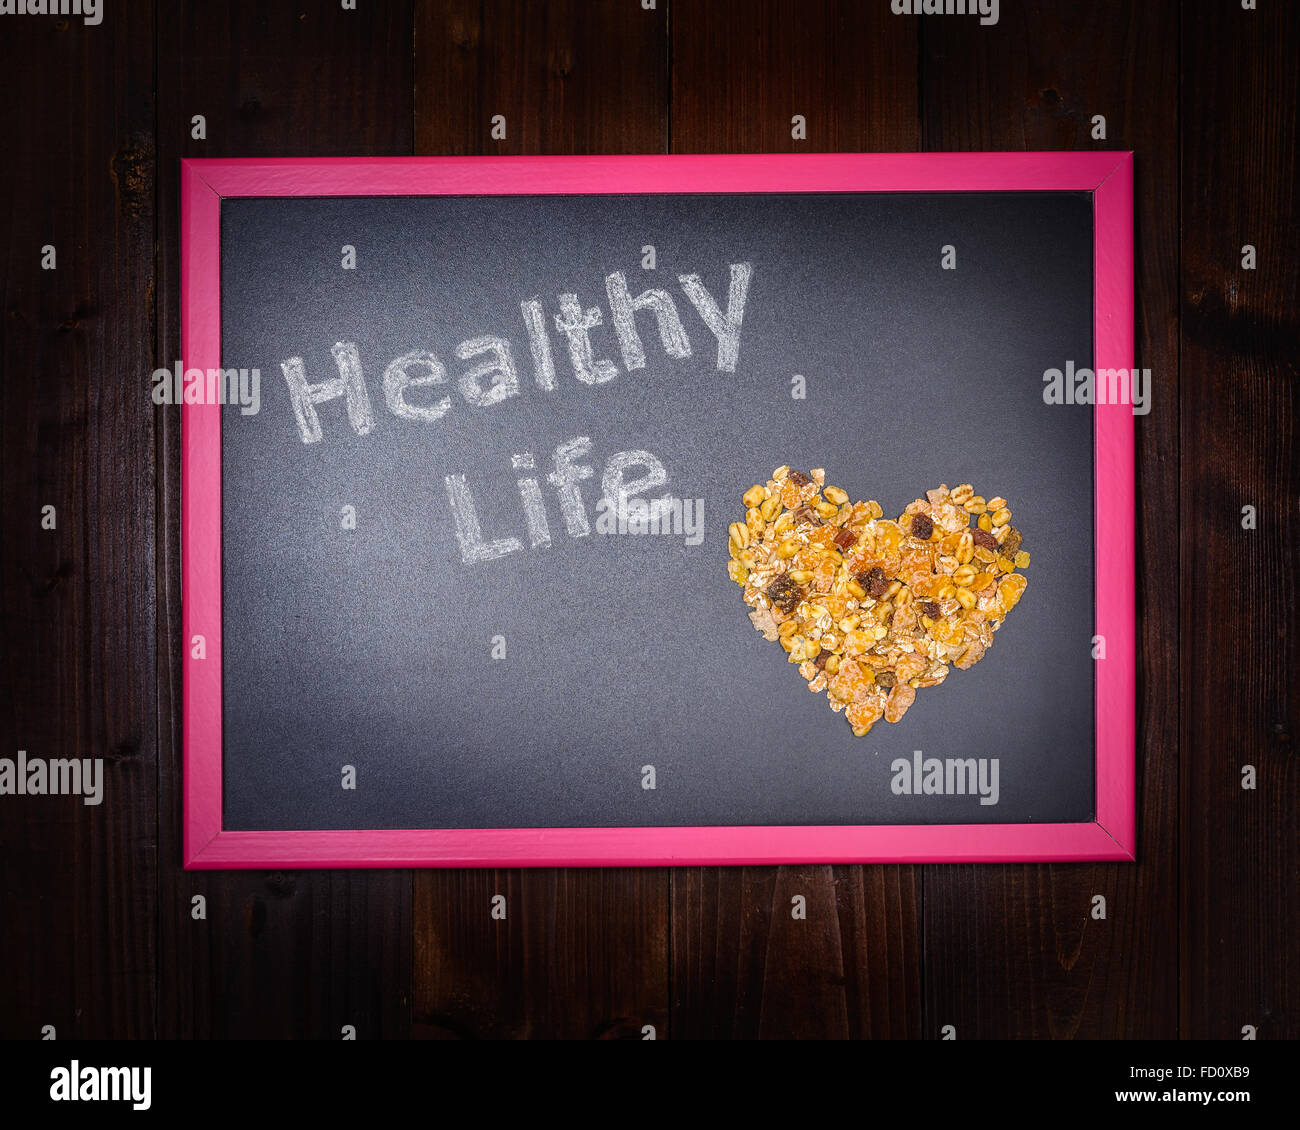 Nella foto una lavagna, sul lato sinistro con la scritta 'Vita Sana' e sul lato destro di una miscela di Immagini Stock